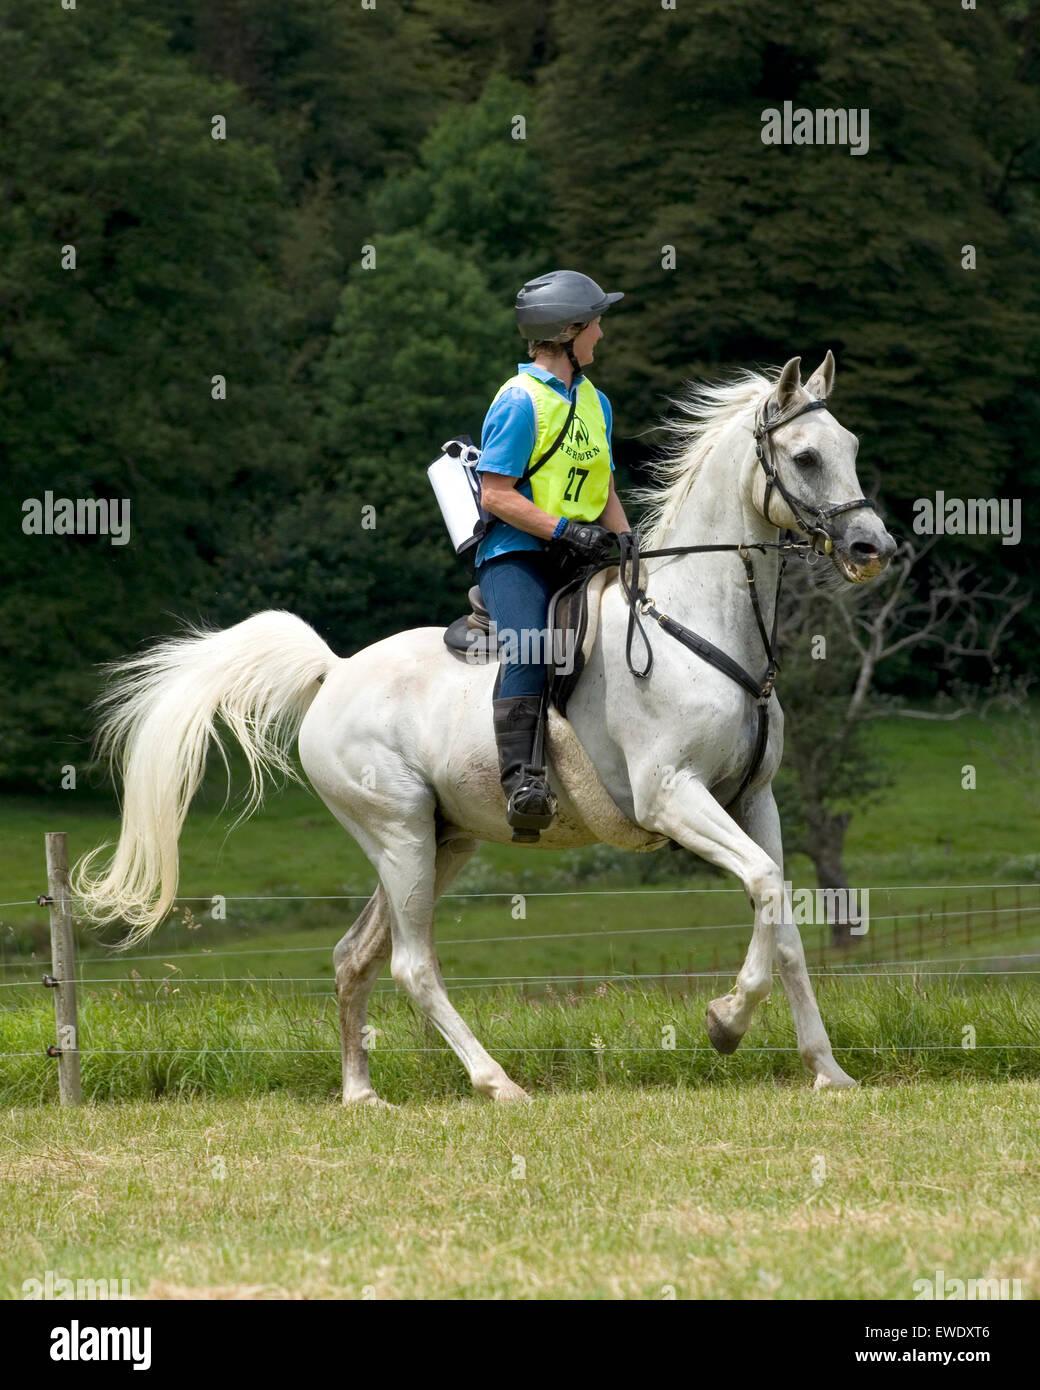 endurance horse rider on arab horse - Stock Image